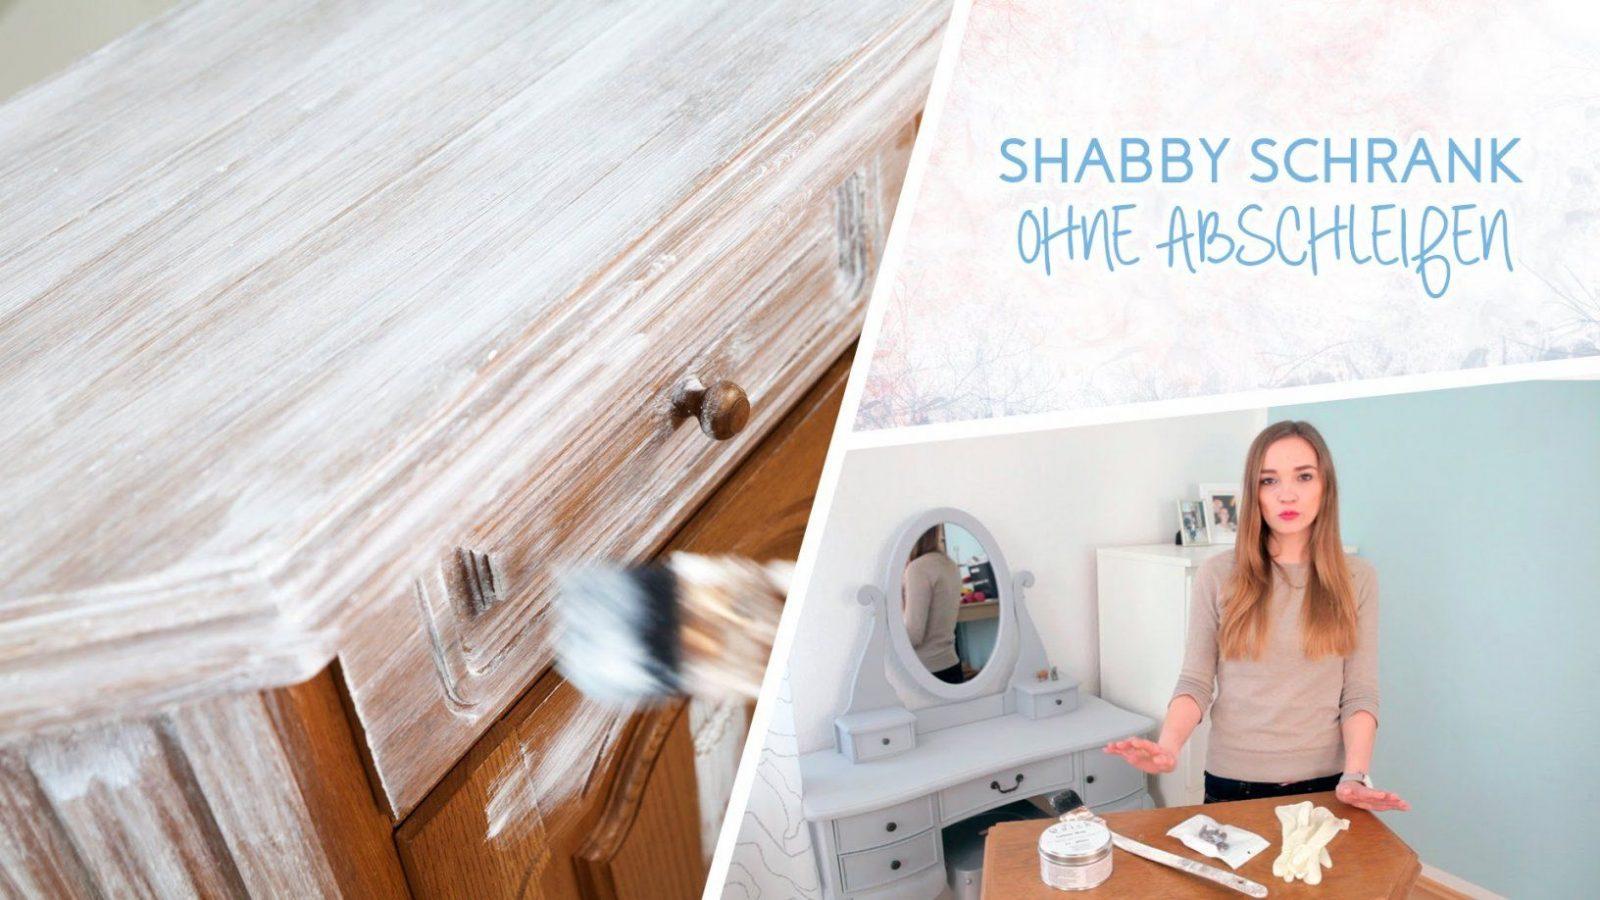 how to schrank im shabby chic stil streichen ohne abscheifen youtube